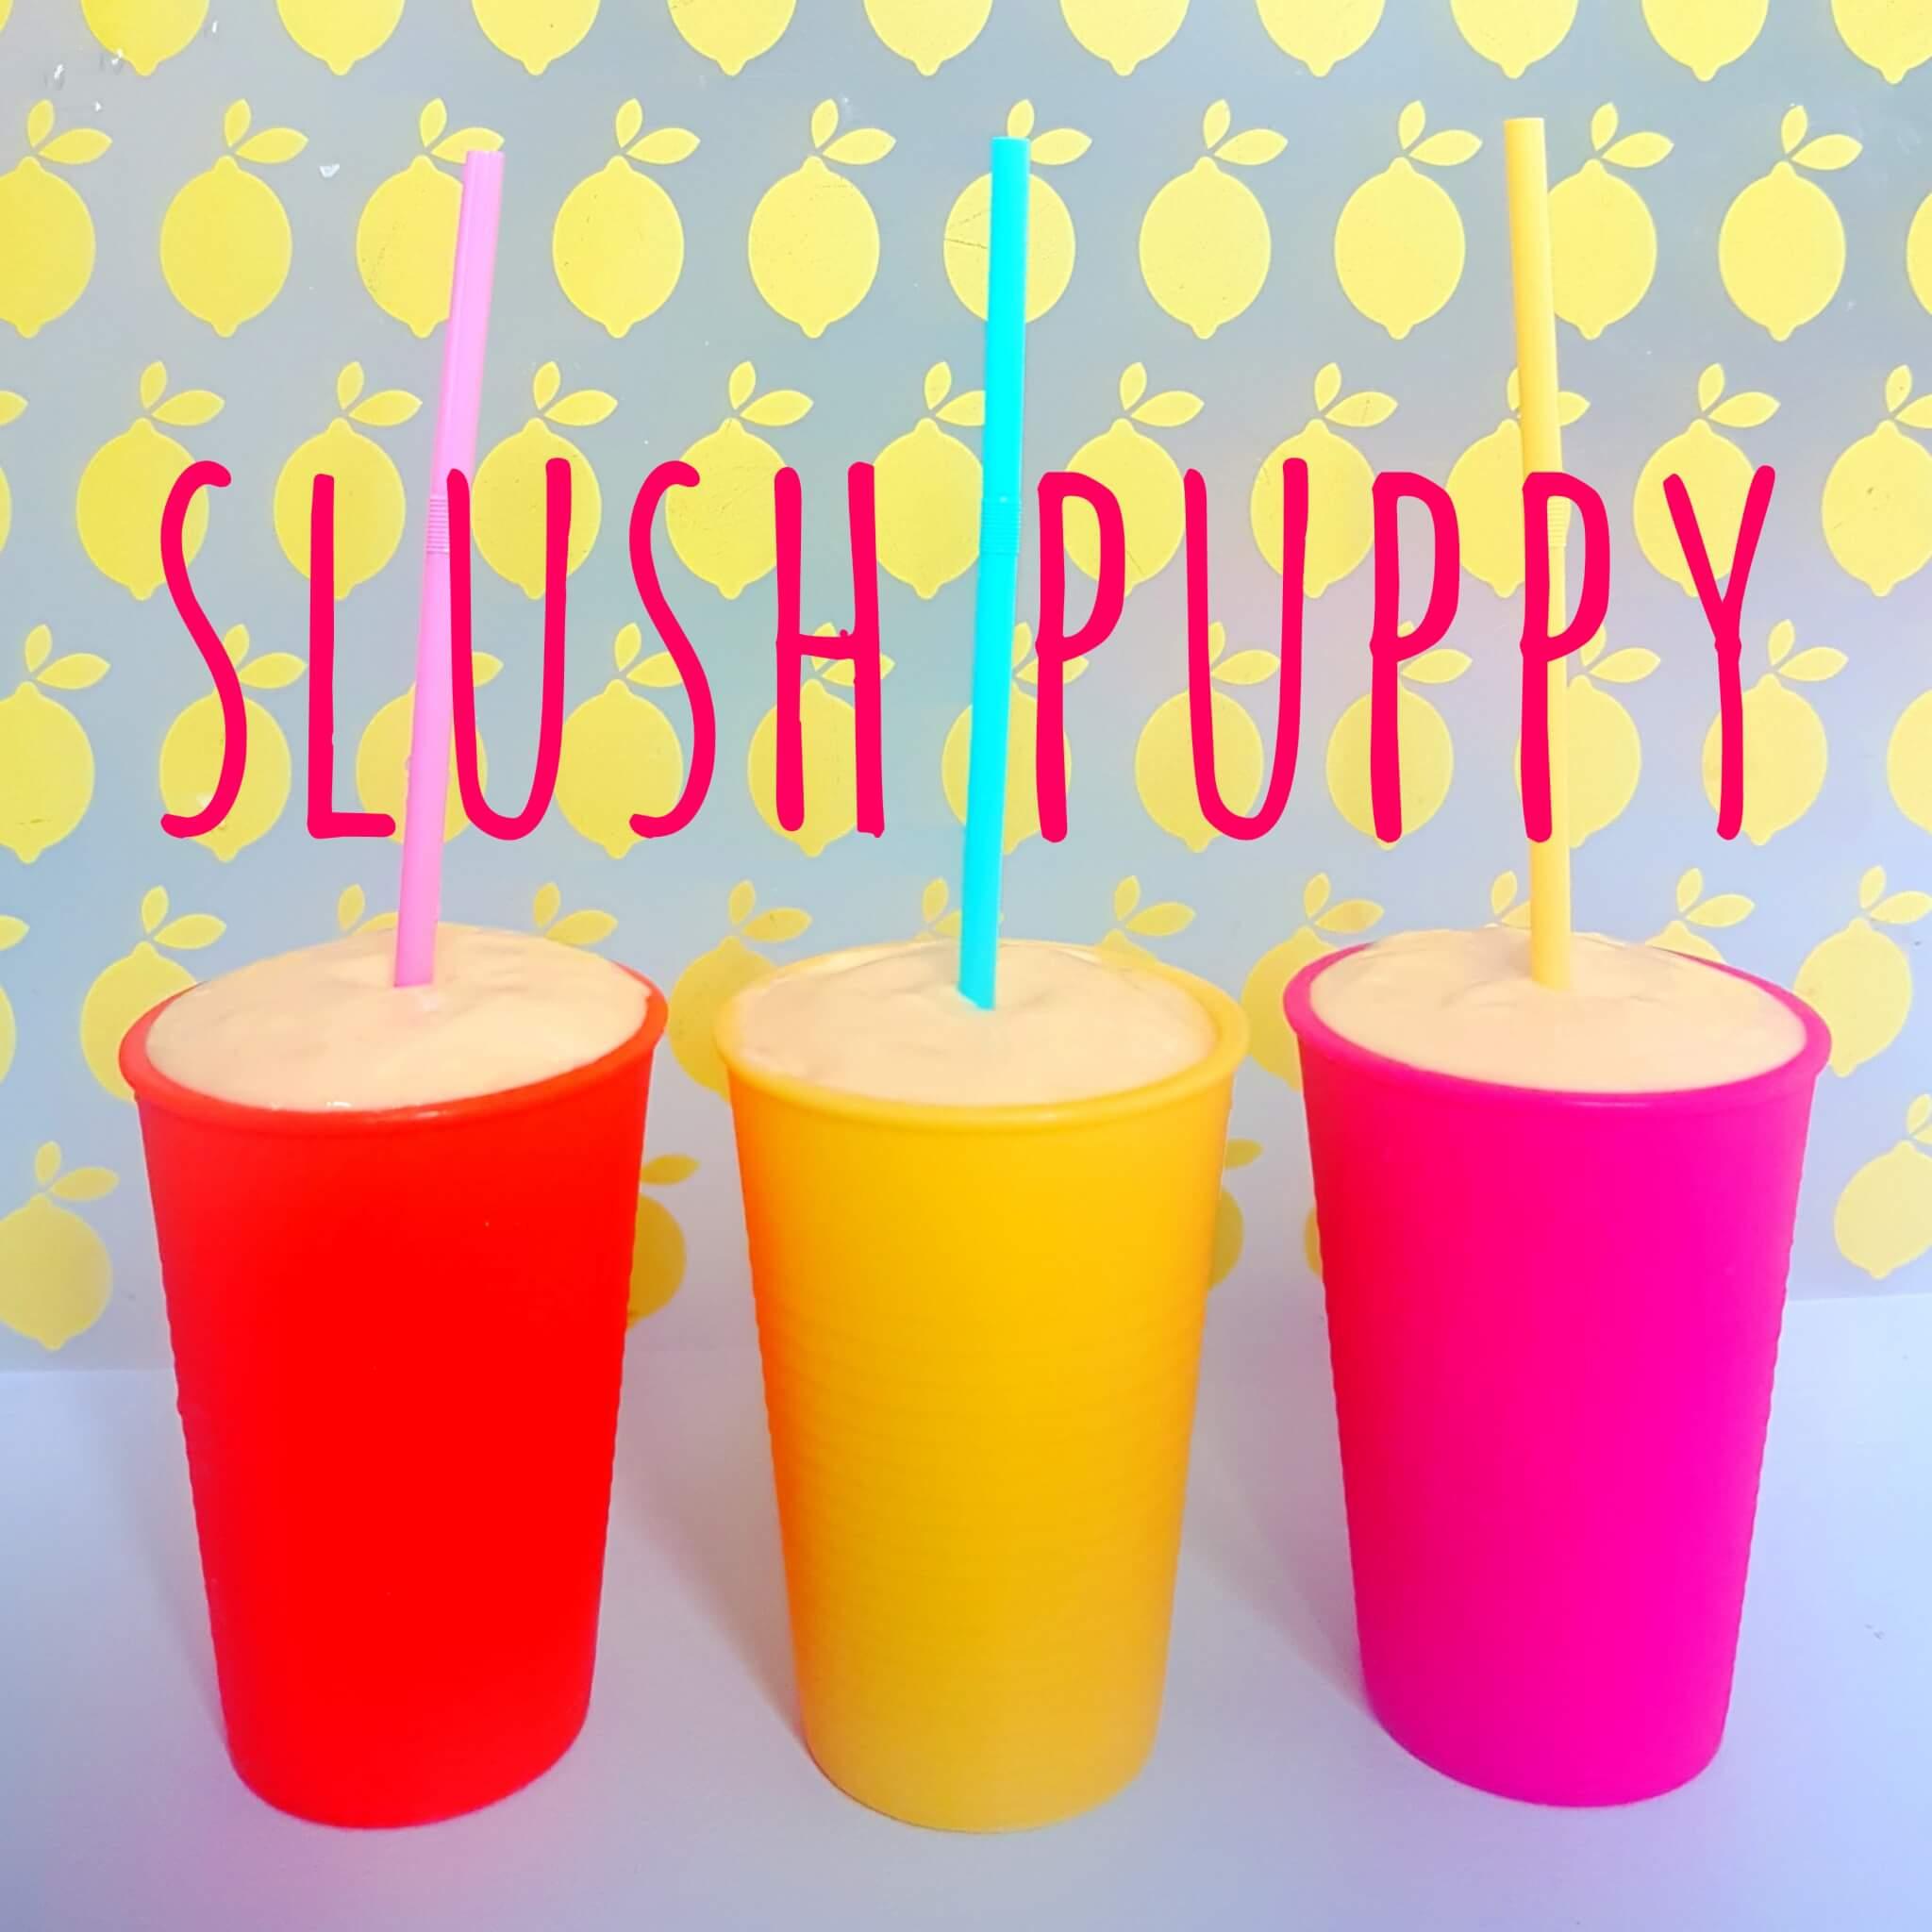 Slush puppy en schepijs: een gezond recept